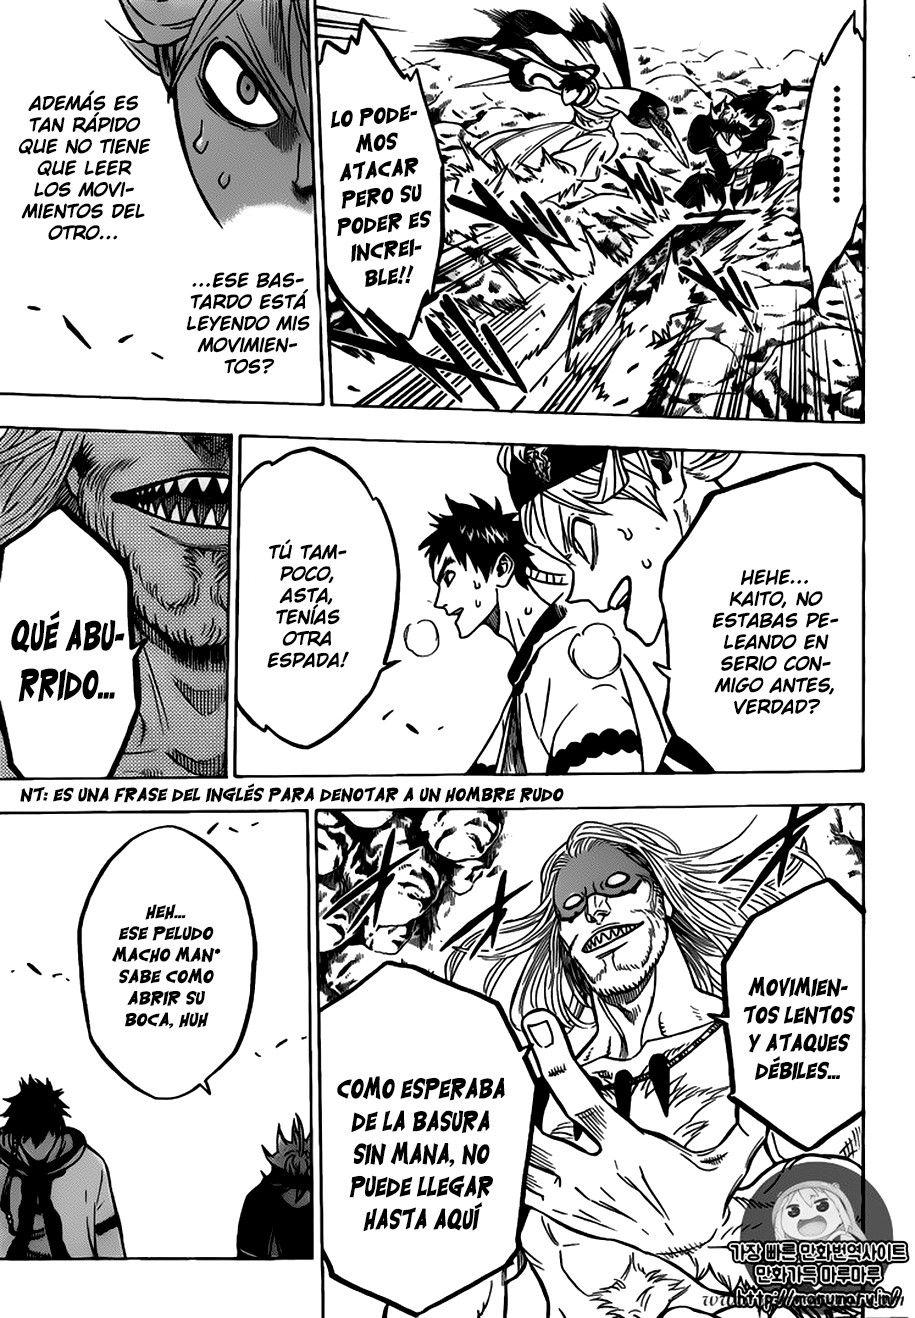 http://c5.ninemanga.com/es_manga/35/3811/474449/5a66b9200f29ac3fa0ae244cc2a51b39.jpg Page 9